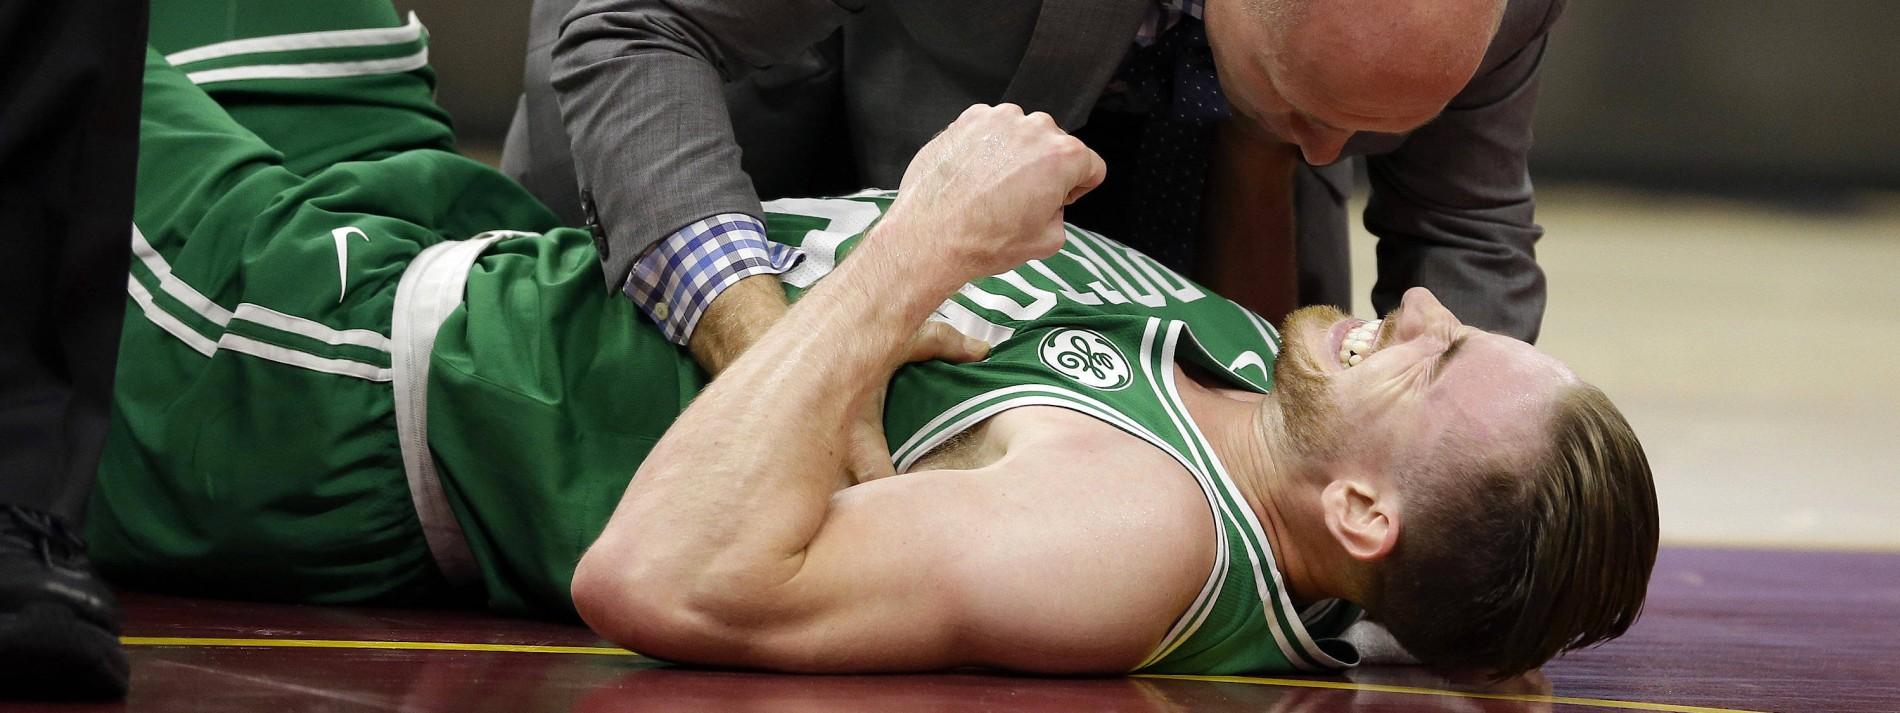 Schwere Verletzung sorgt in NBA für Entsetzen